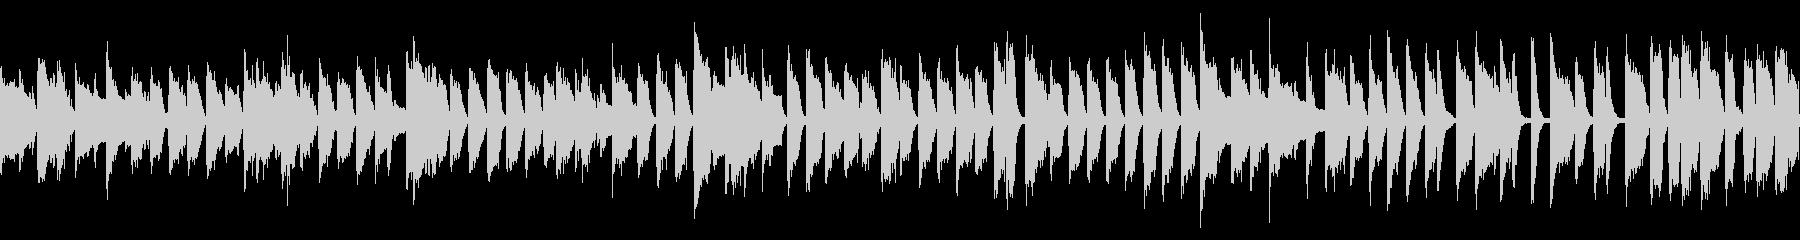 ジャジーなカフェBGM (ループ仕様)の未再生の波形